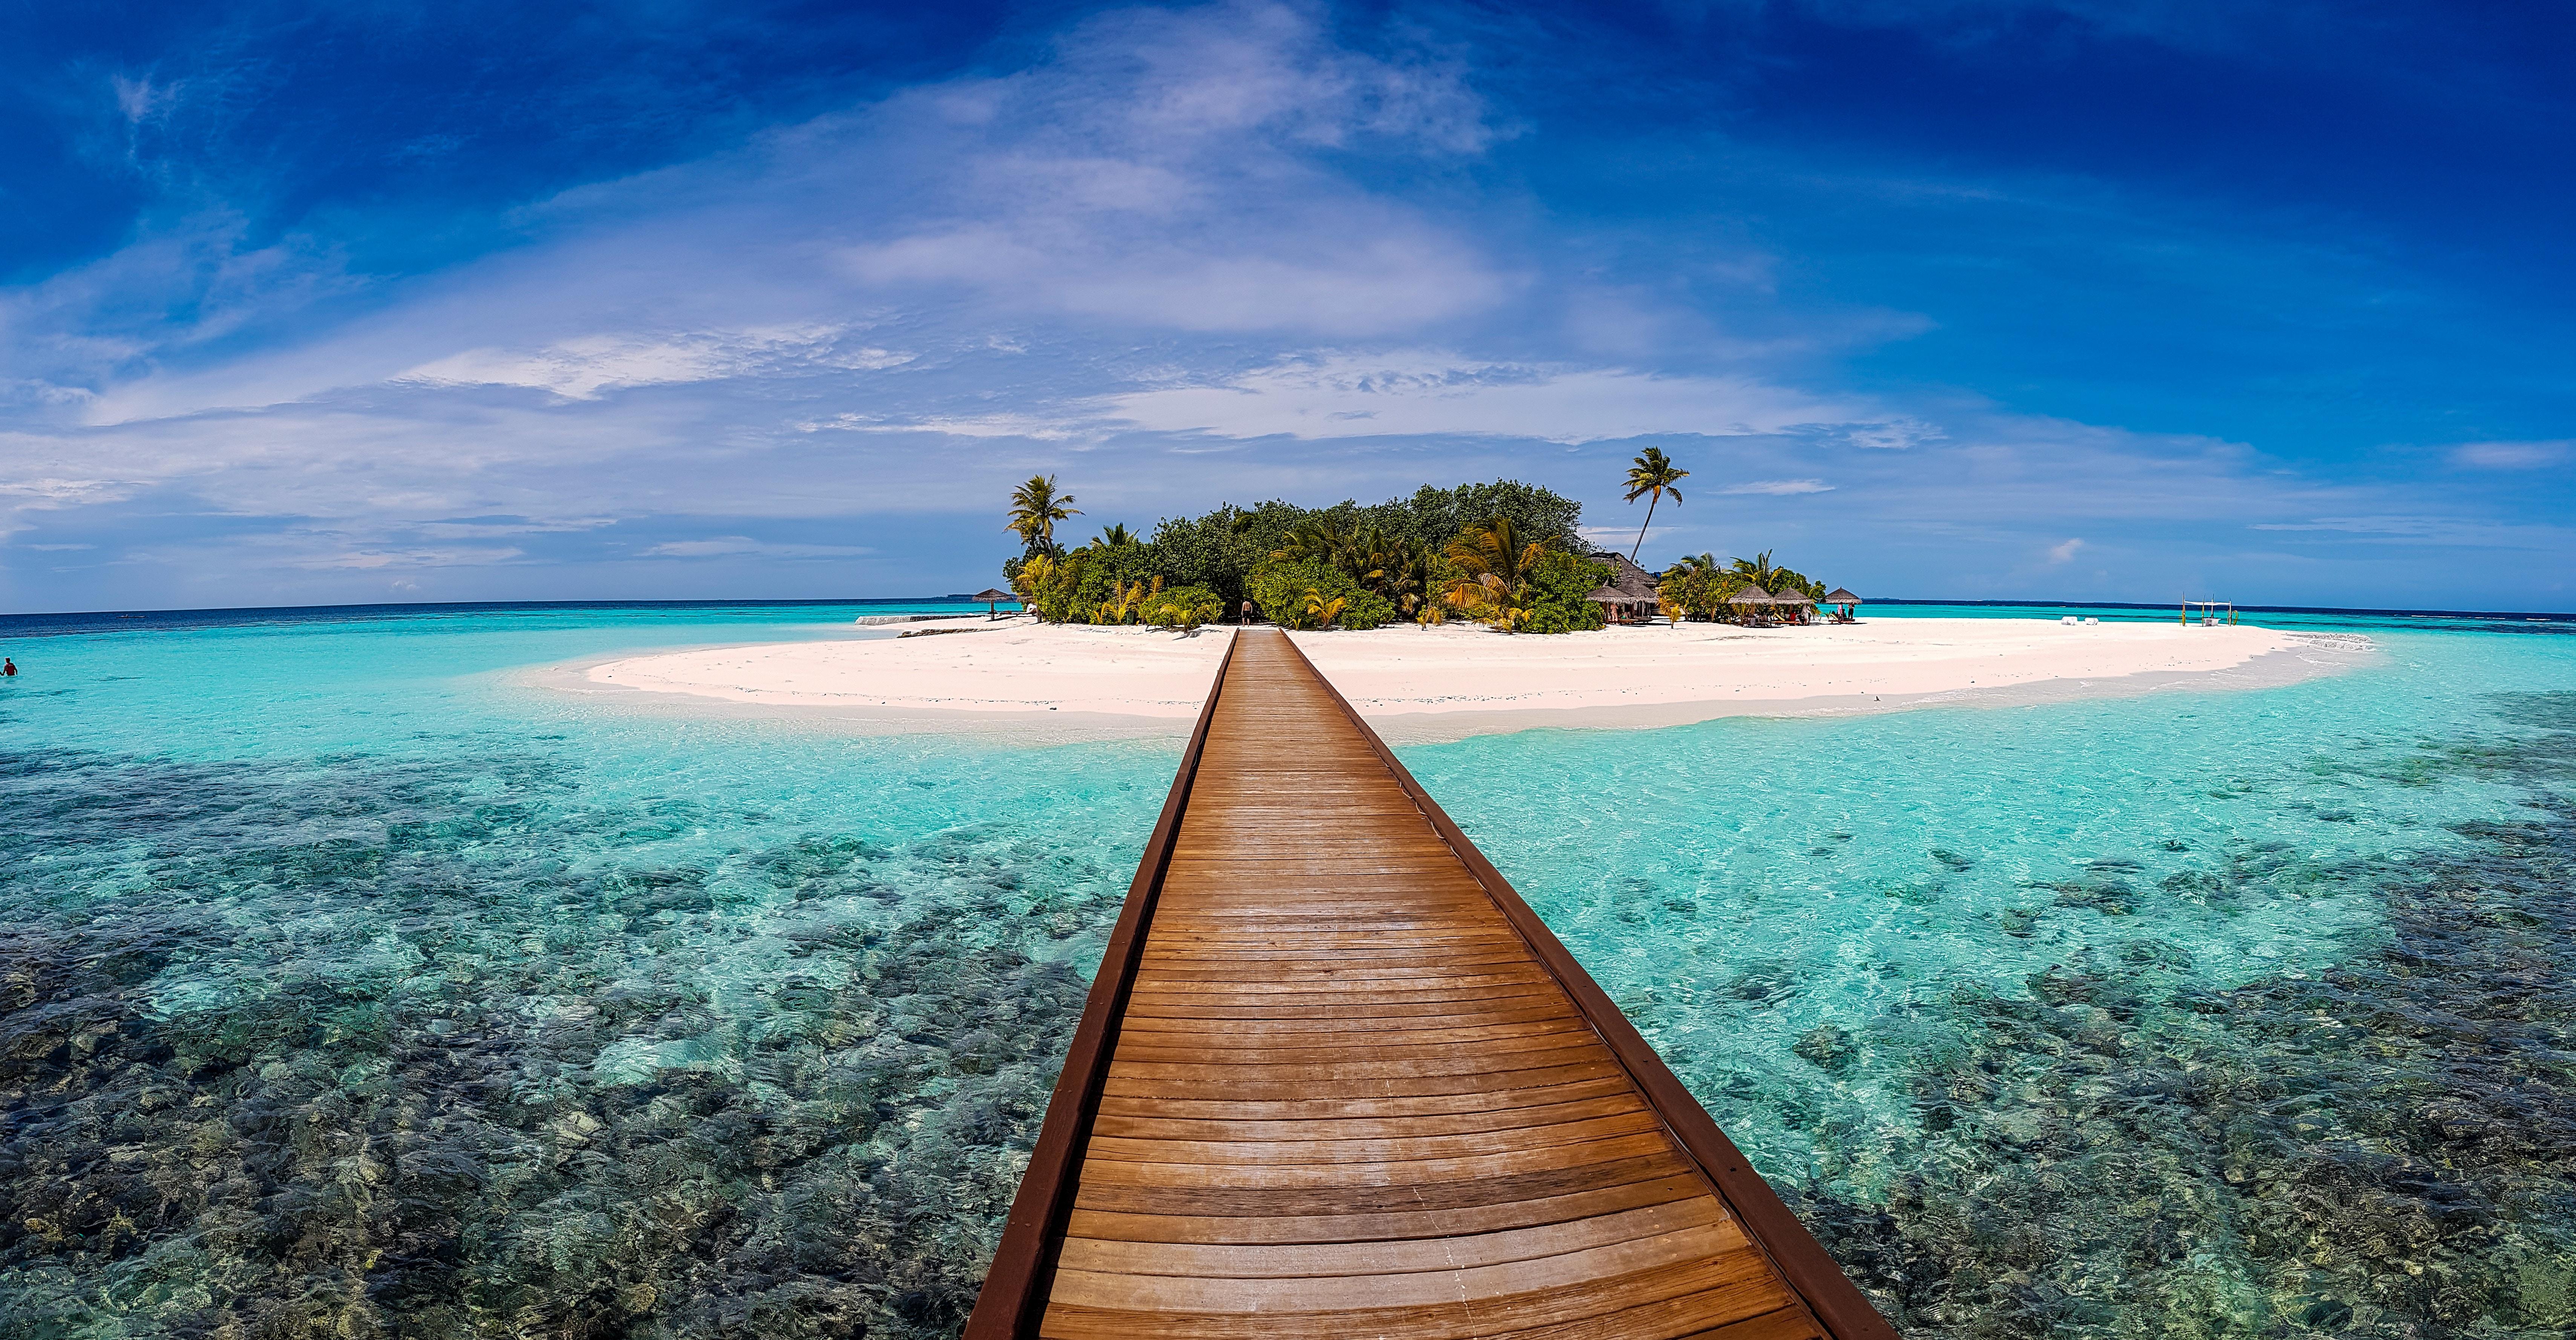 volo diretto alitalia per le maldive cosa sapere